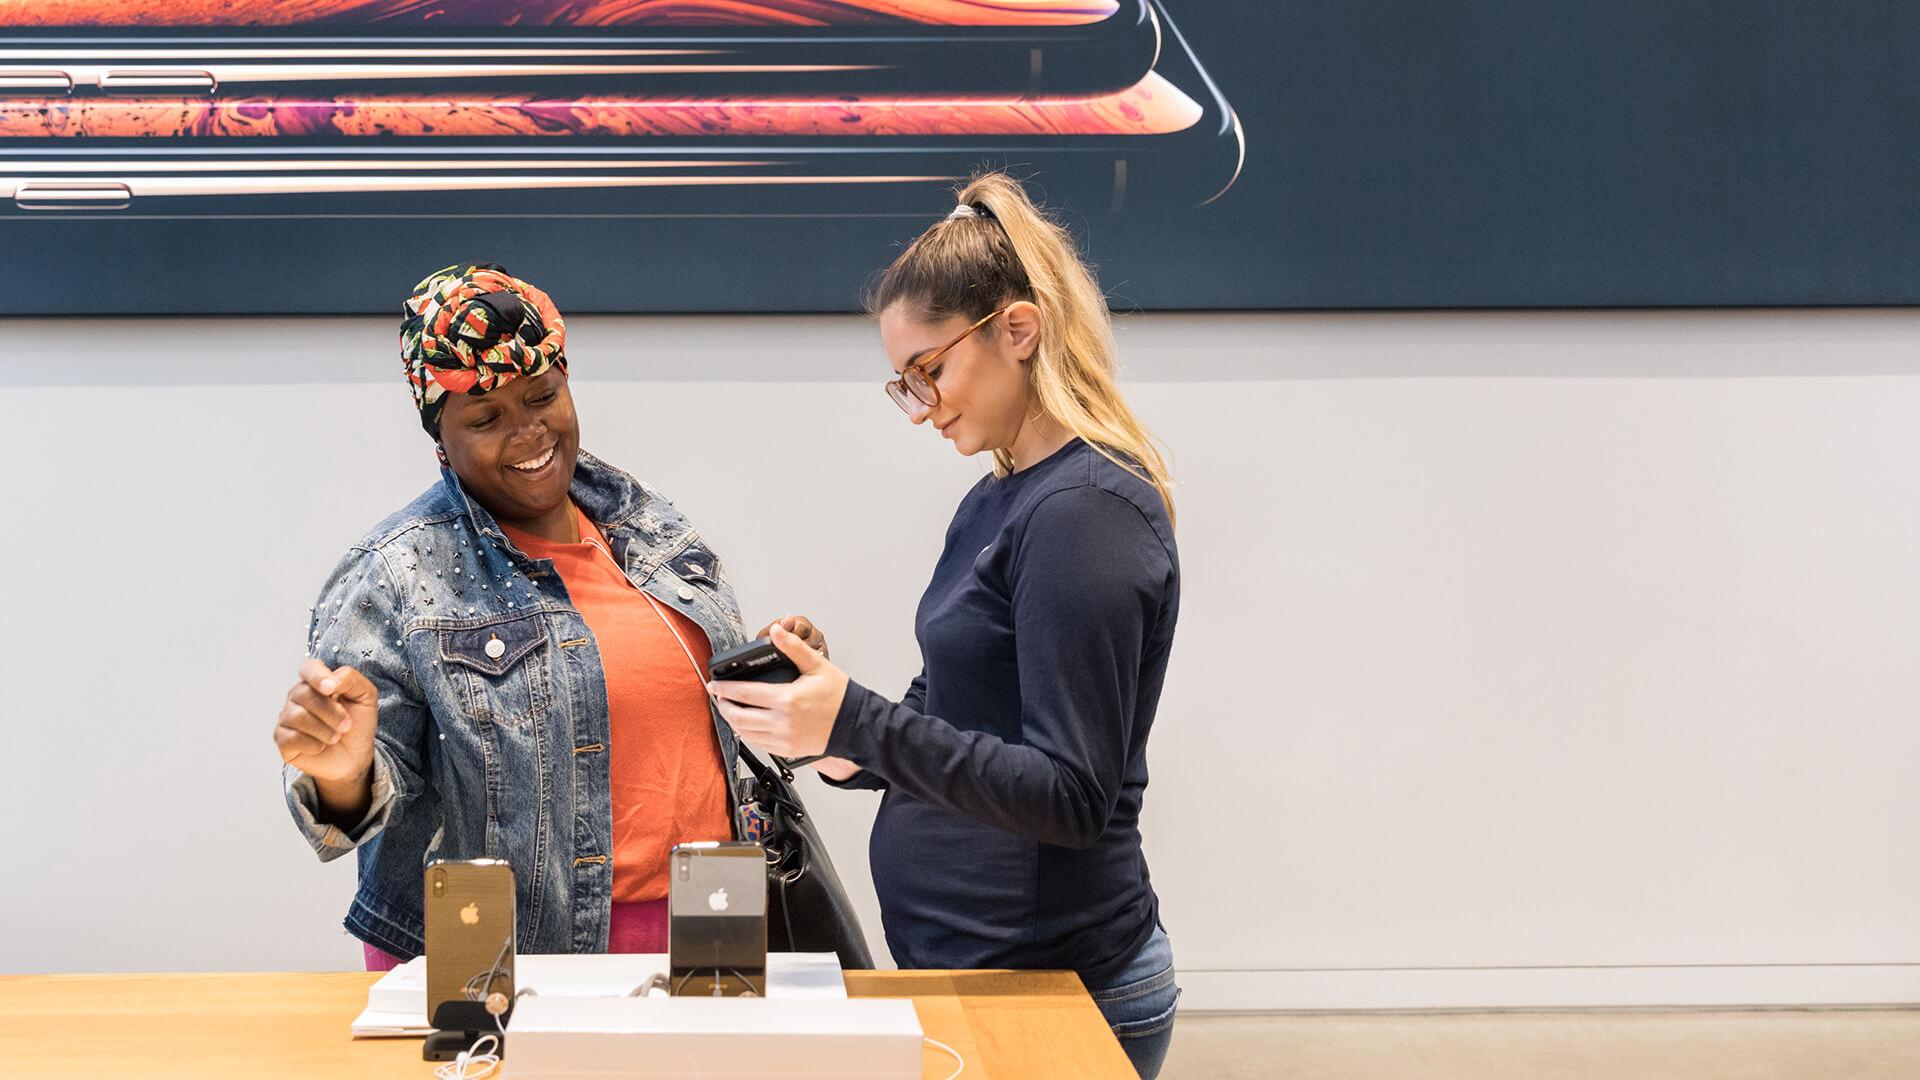 Best Black Friday Clothing Deals 2020 Apple Black Friday Deals 2018 | GOBankingRates